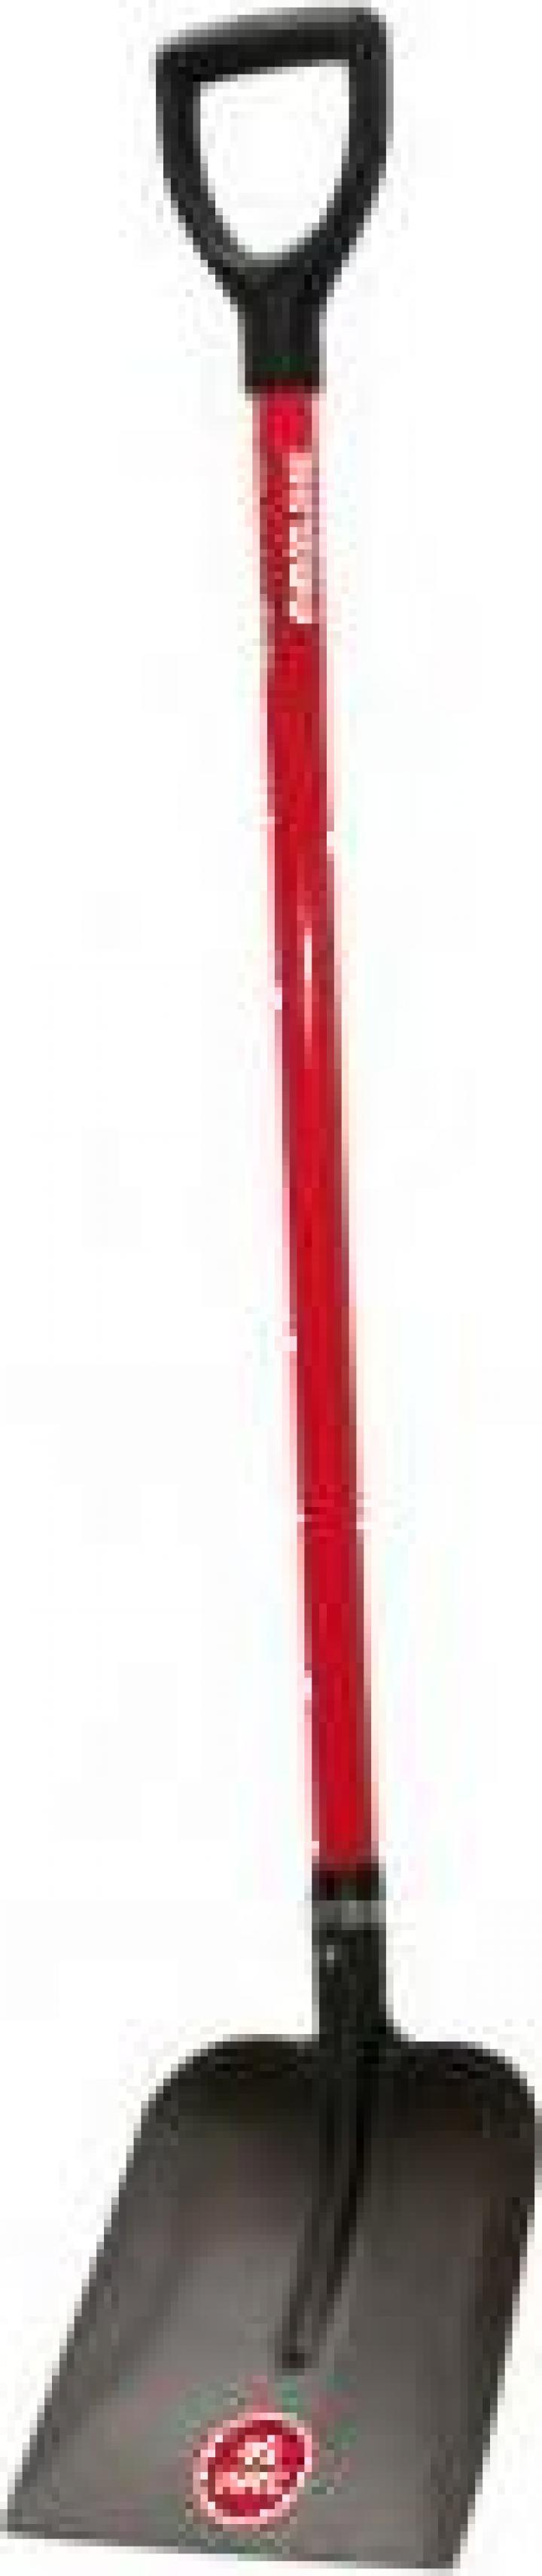 Lopata cu maner fibra DY 250x280/1250mm